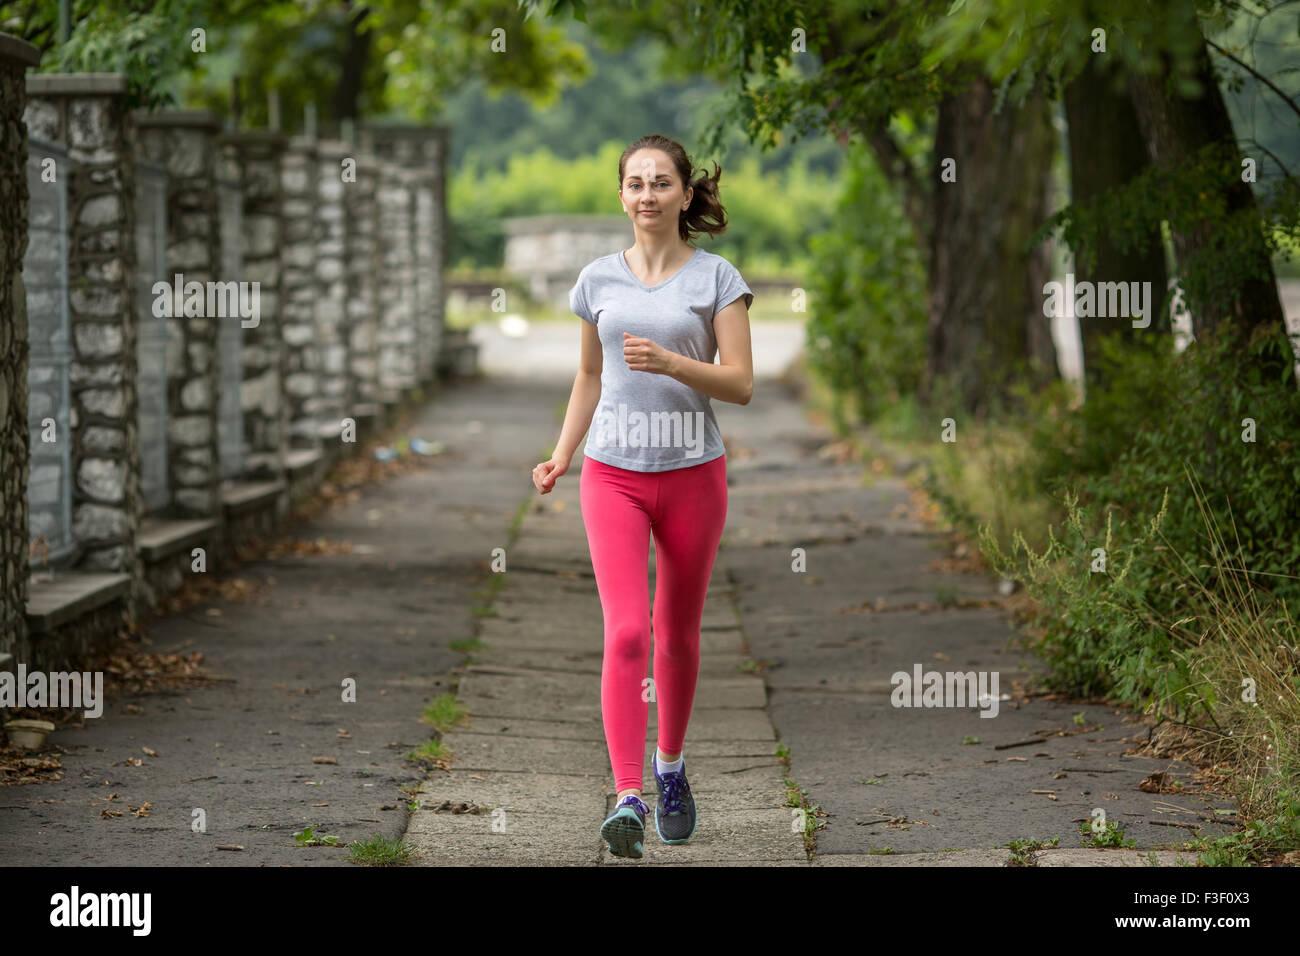 Deportes joven chica durante un jogging en el parque. Ejecutando, estilo de vida saludable. Imagen De Stock